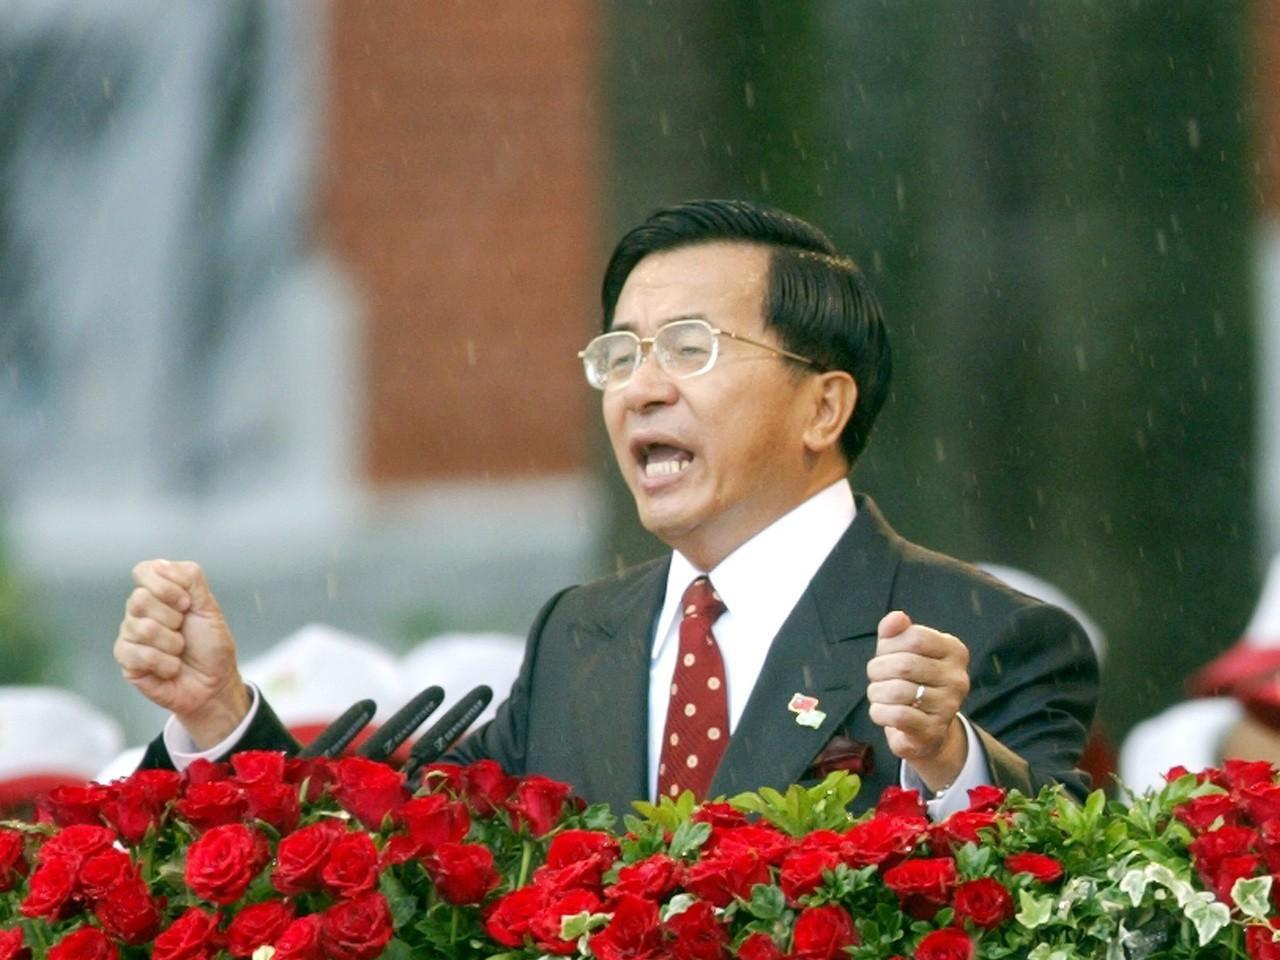 陳水扁在滂沱大雨中發表就職演說。 聯合報系資料照片/記者潘俊宏攝影